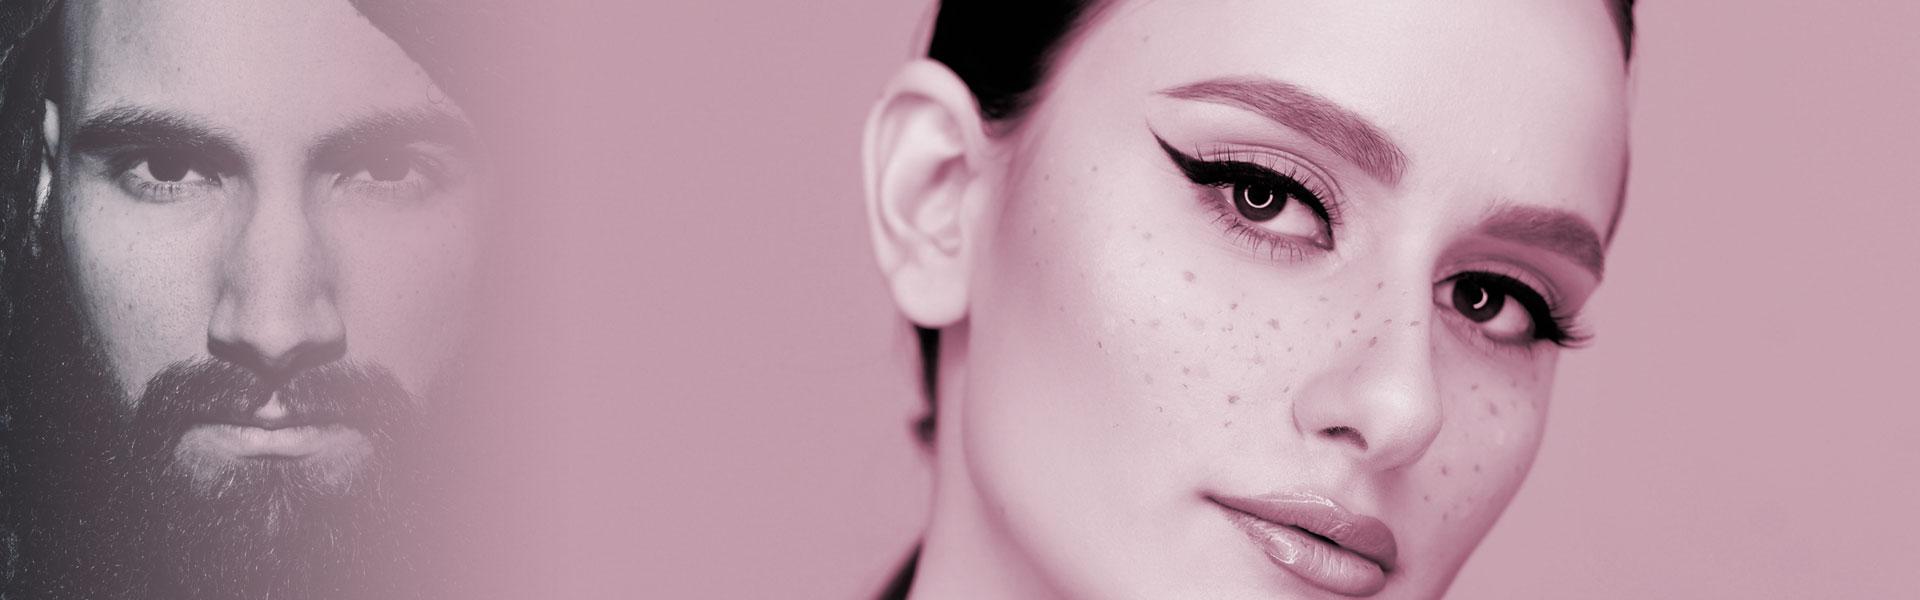 TWS Hof Kosmetik